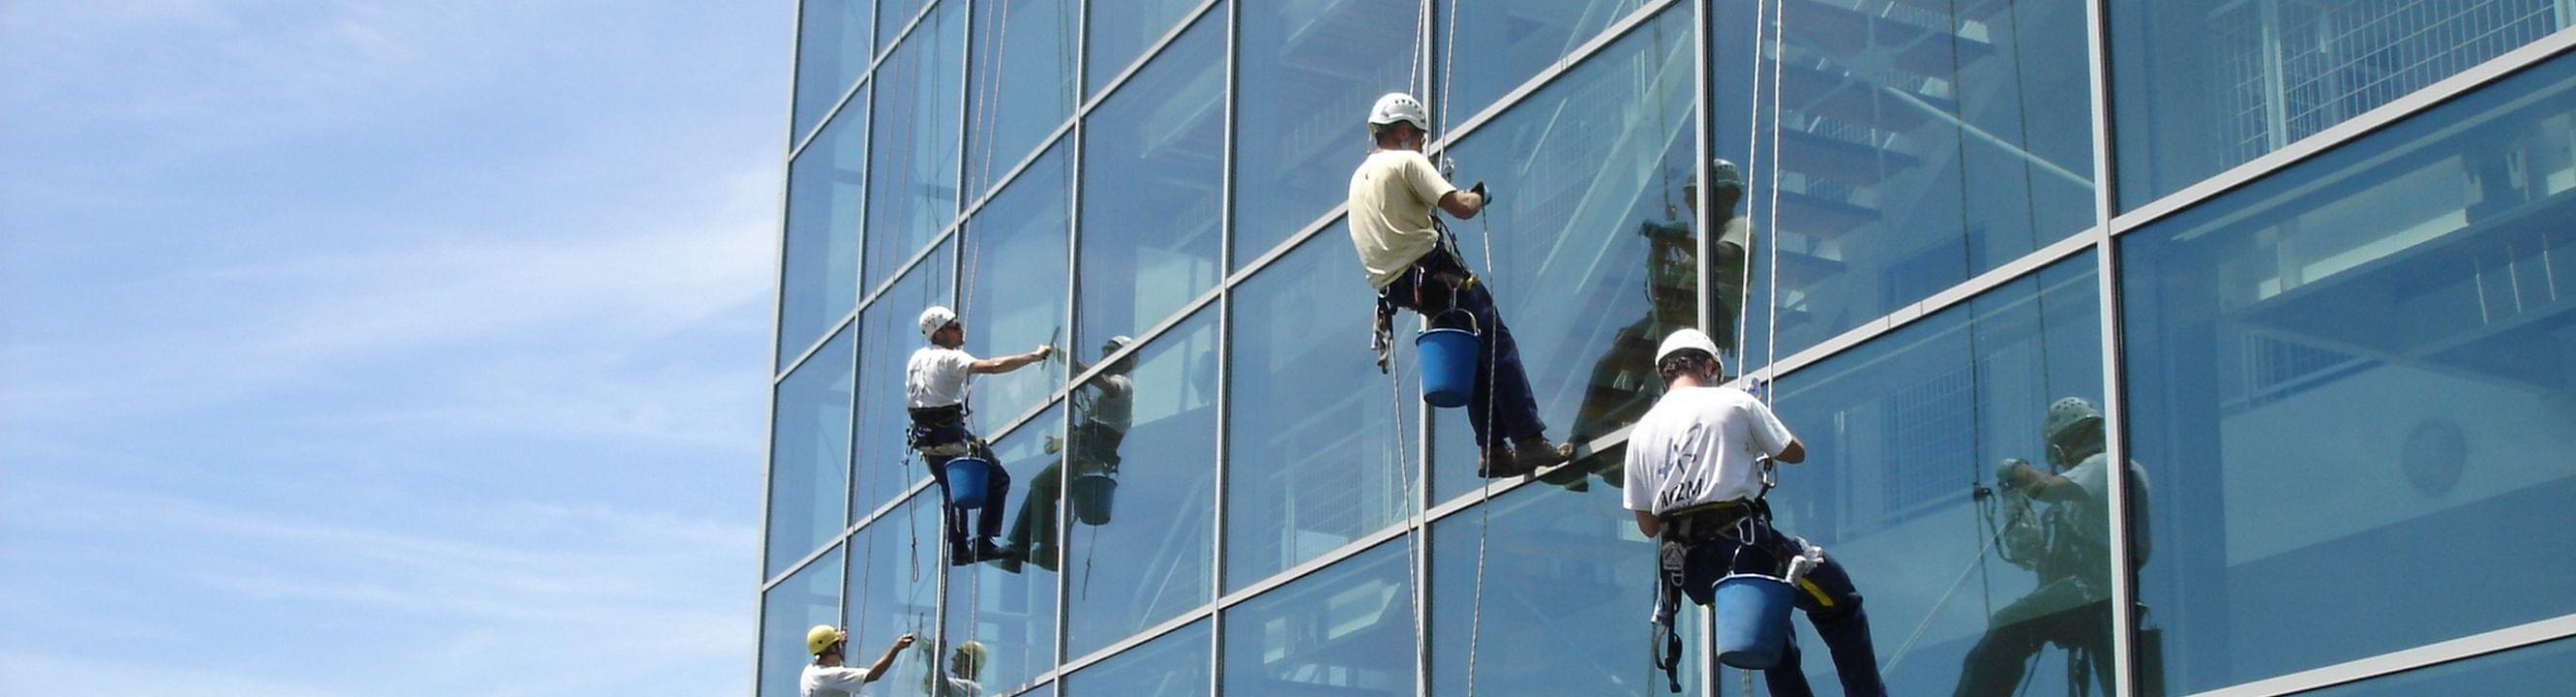 technicien cordiste 06 lavage nettoyage de vitres mission acts 06 interim paca